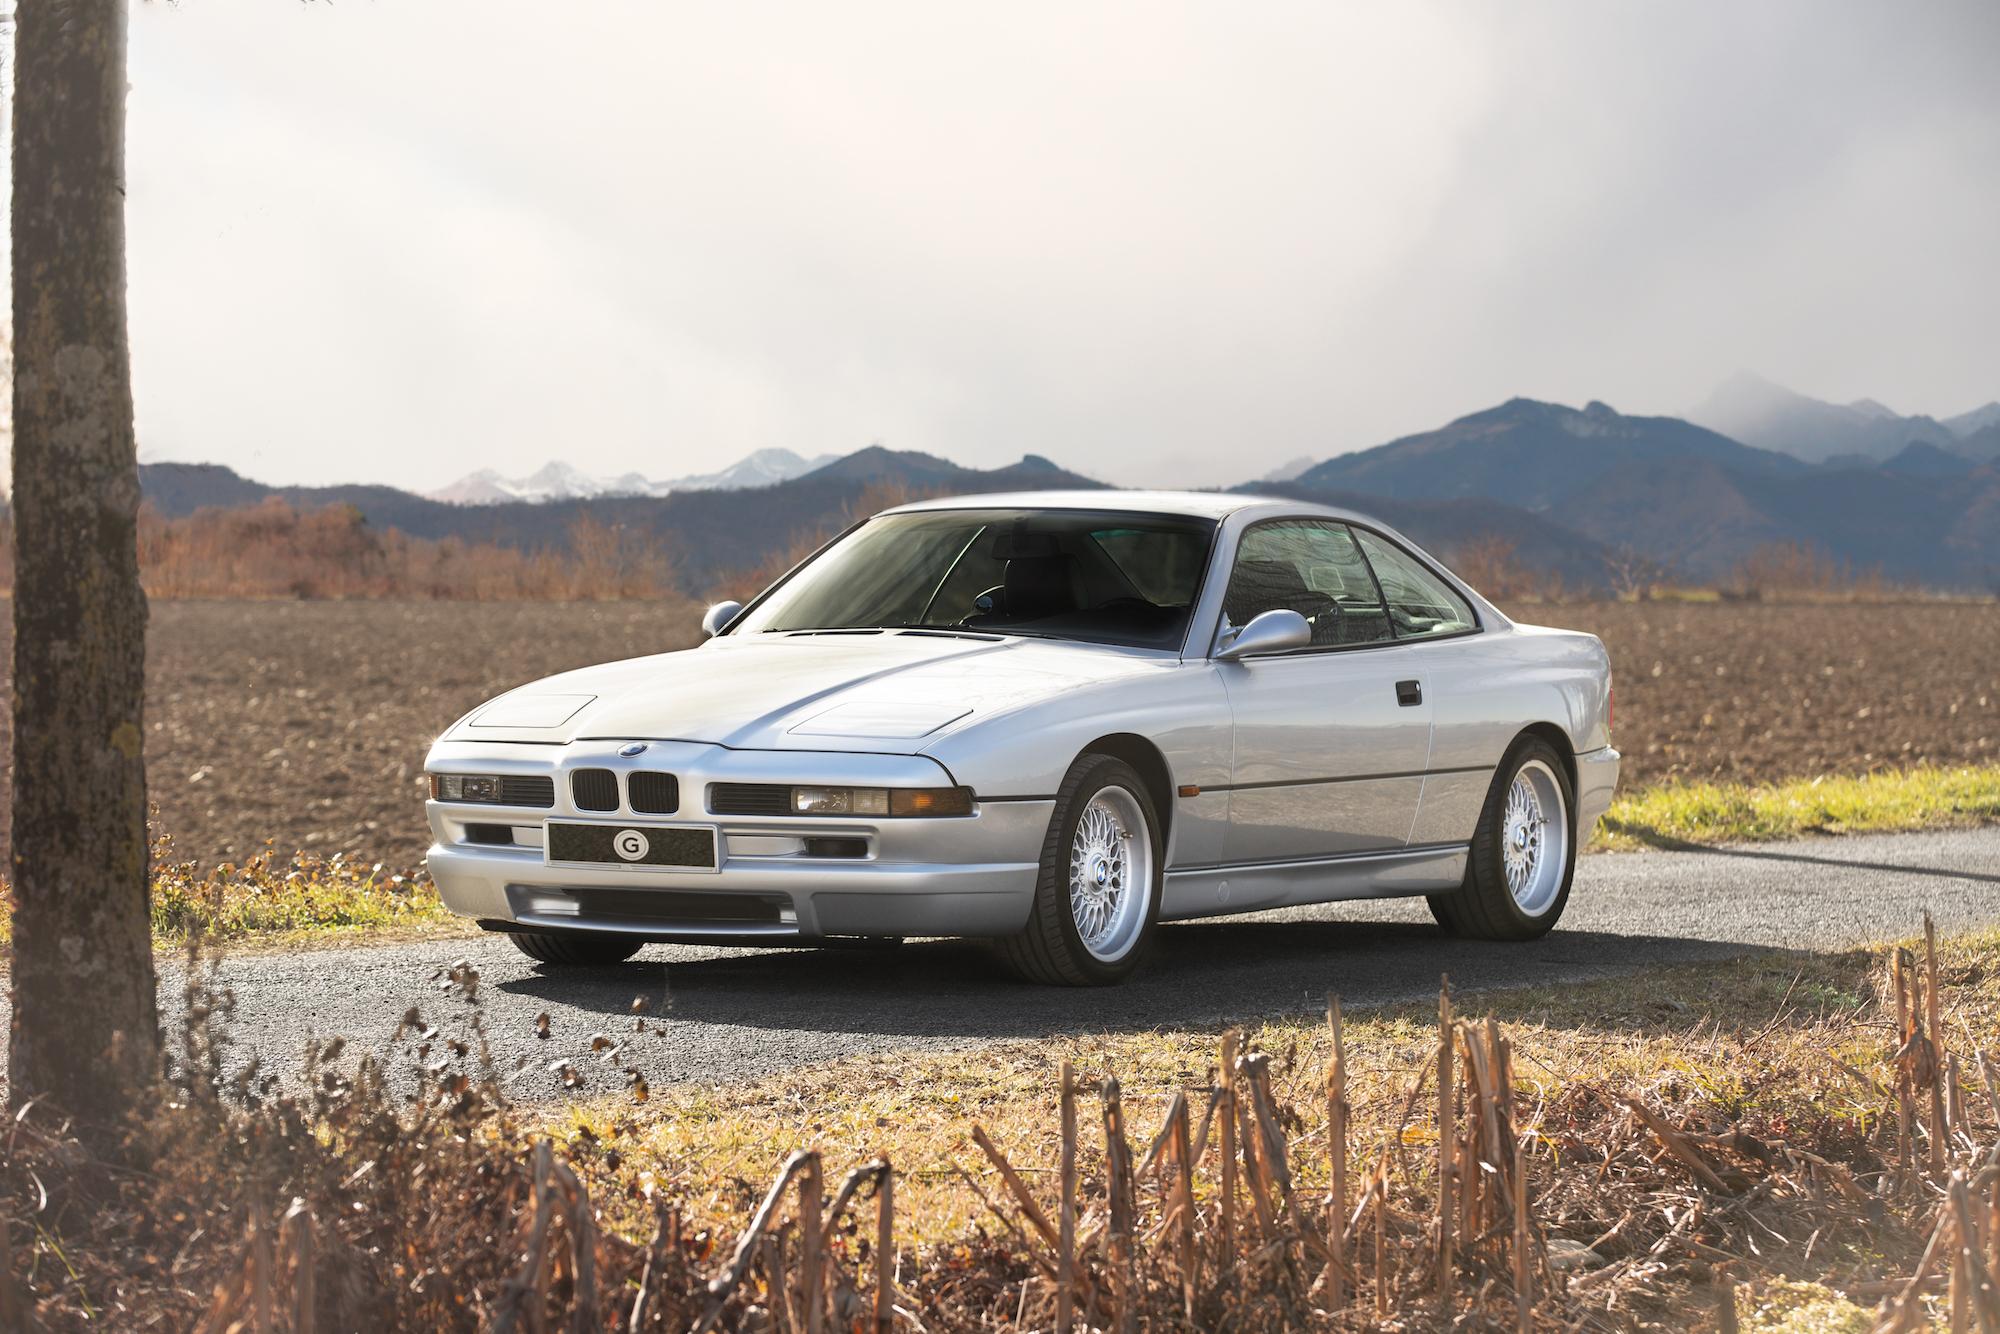 1997 BMW 850Ci - ONLY 9,400 KM